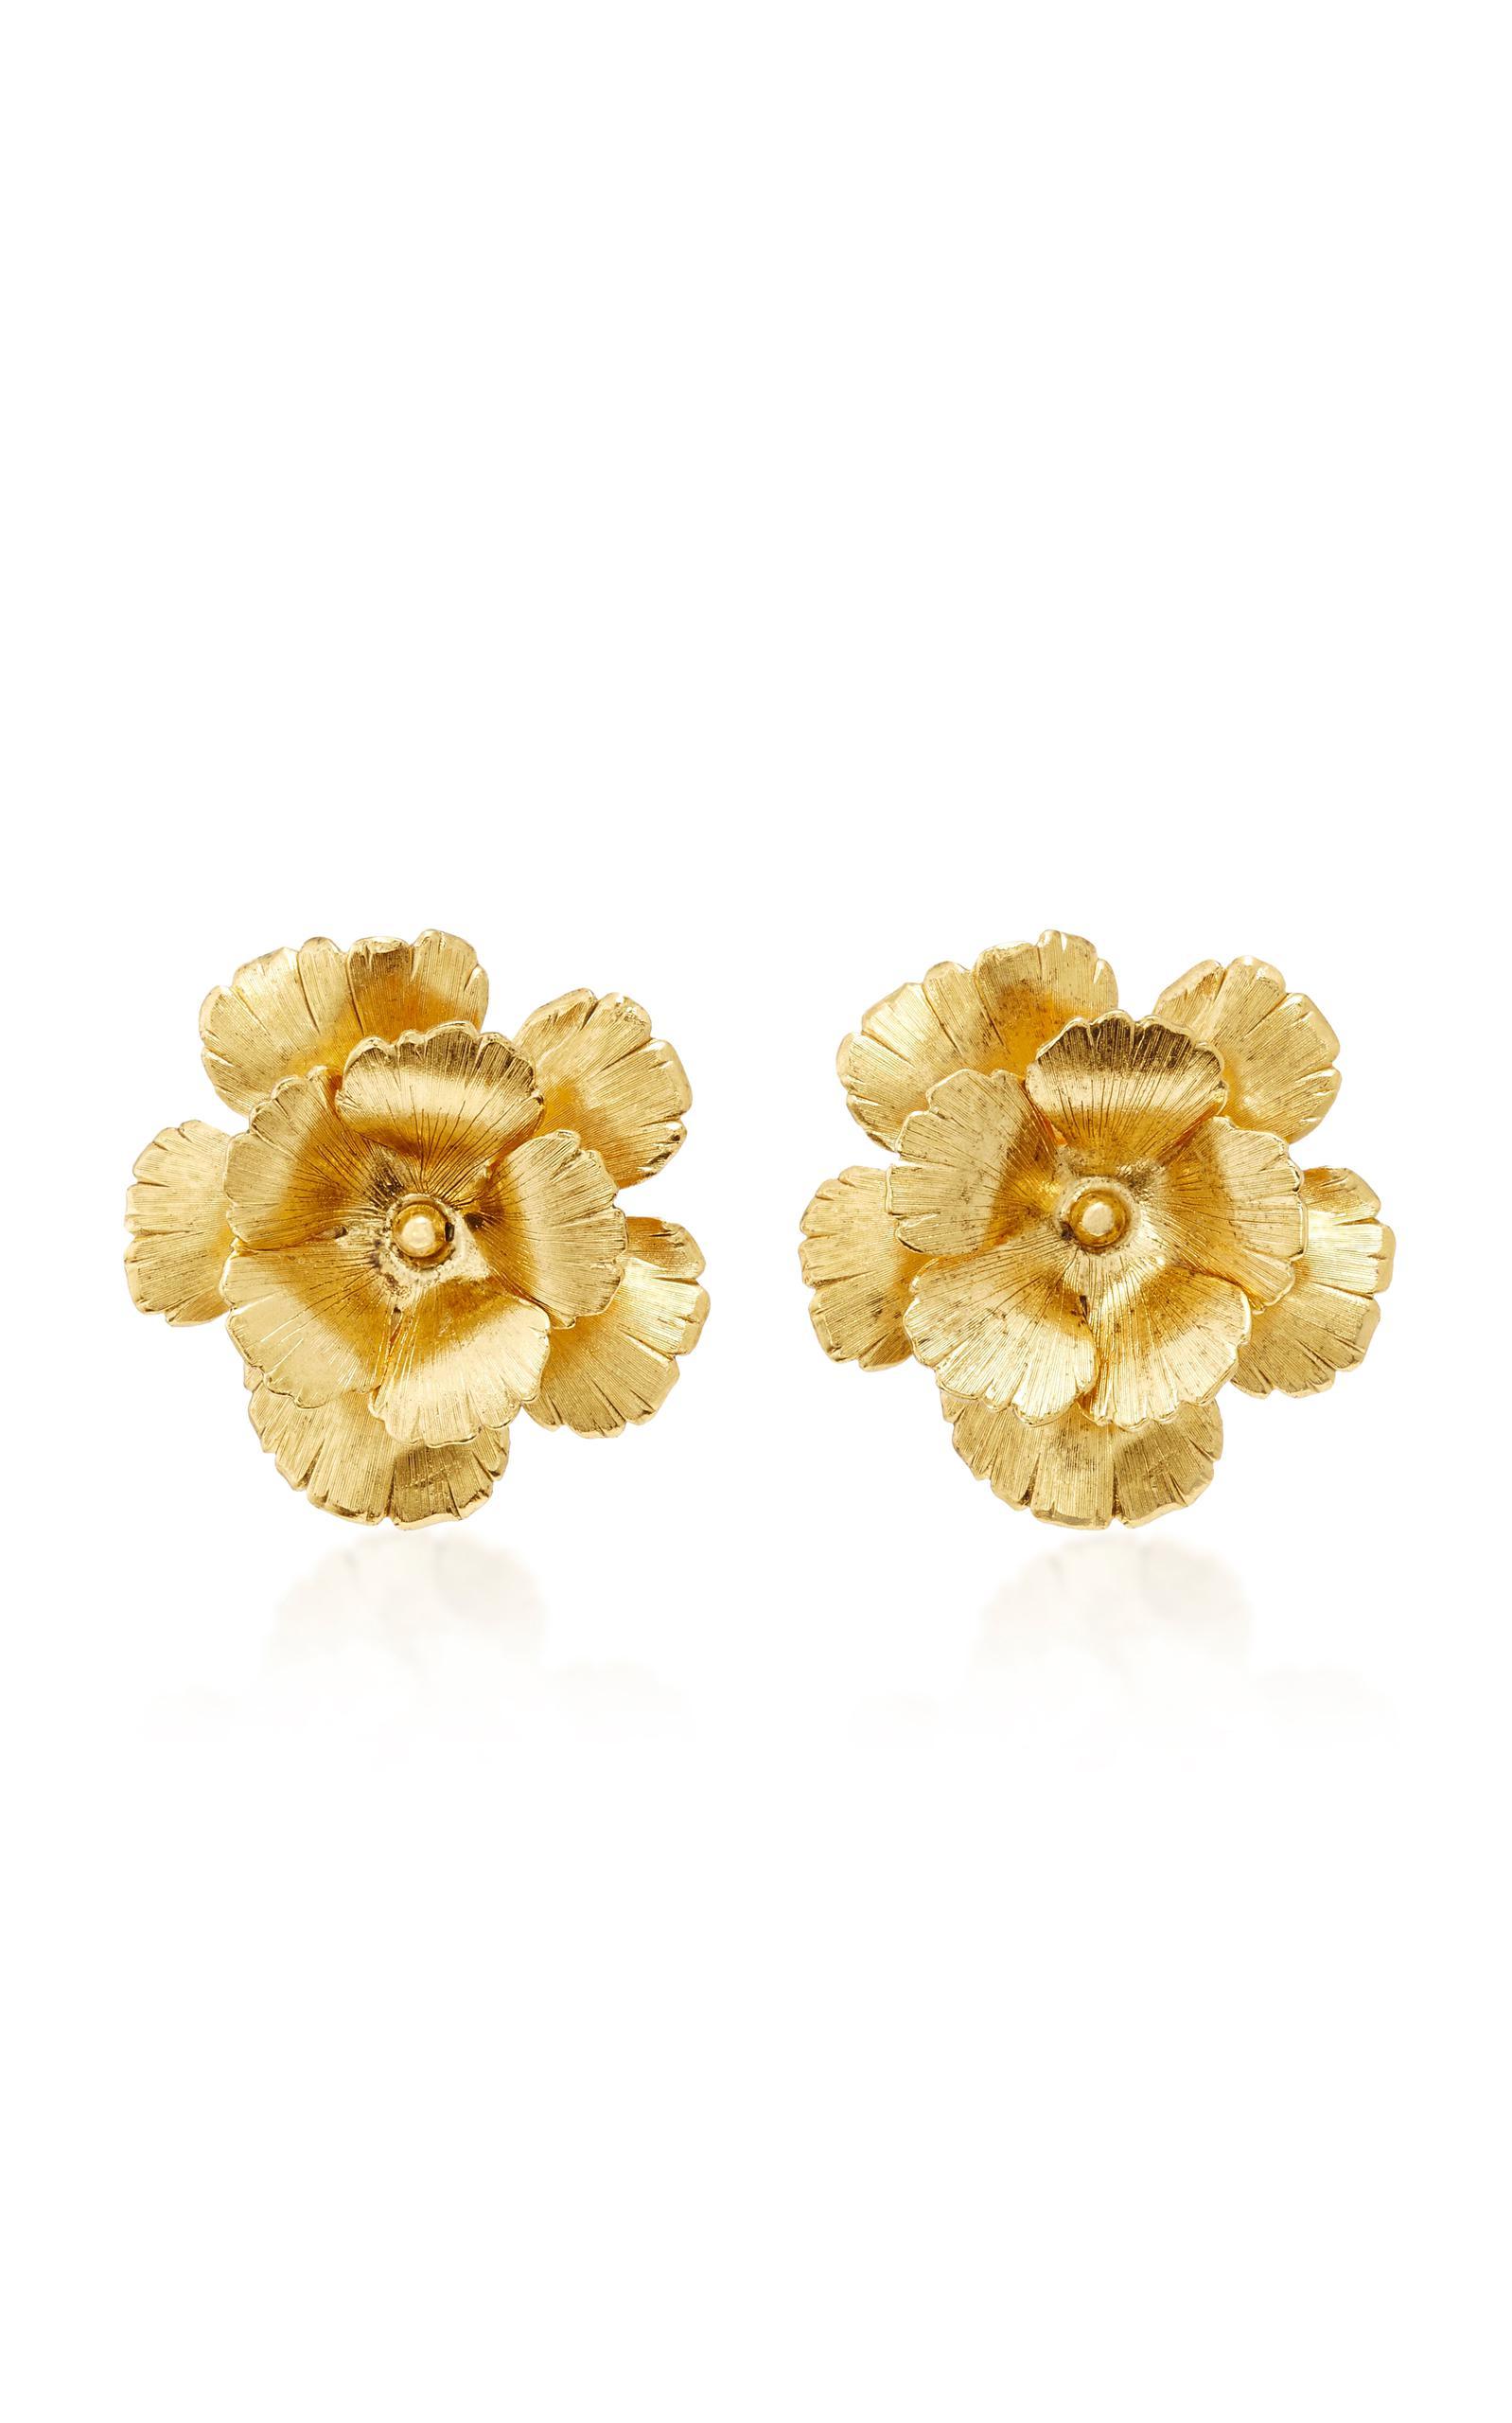 Jennifer Behr Chloe Statement Flower Earrings FcGxNOGDf